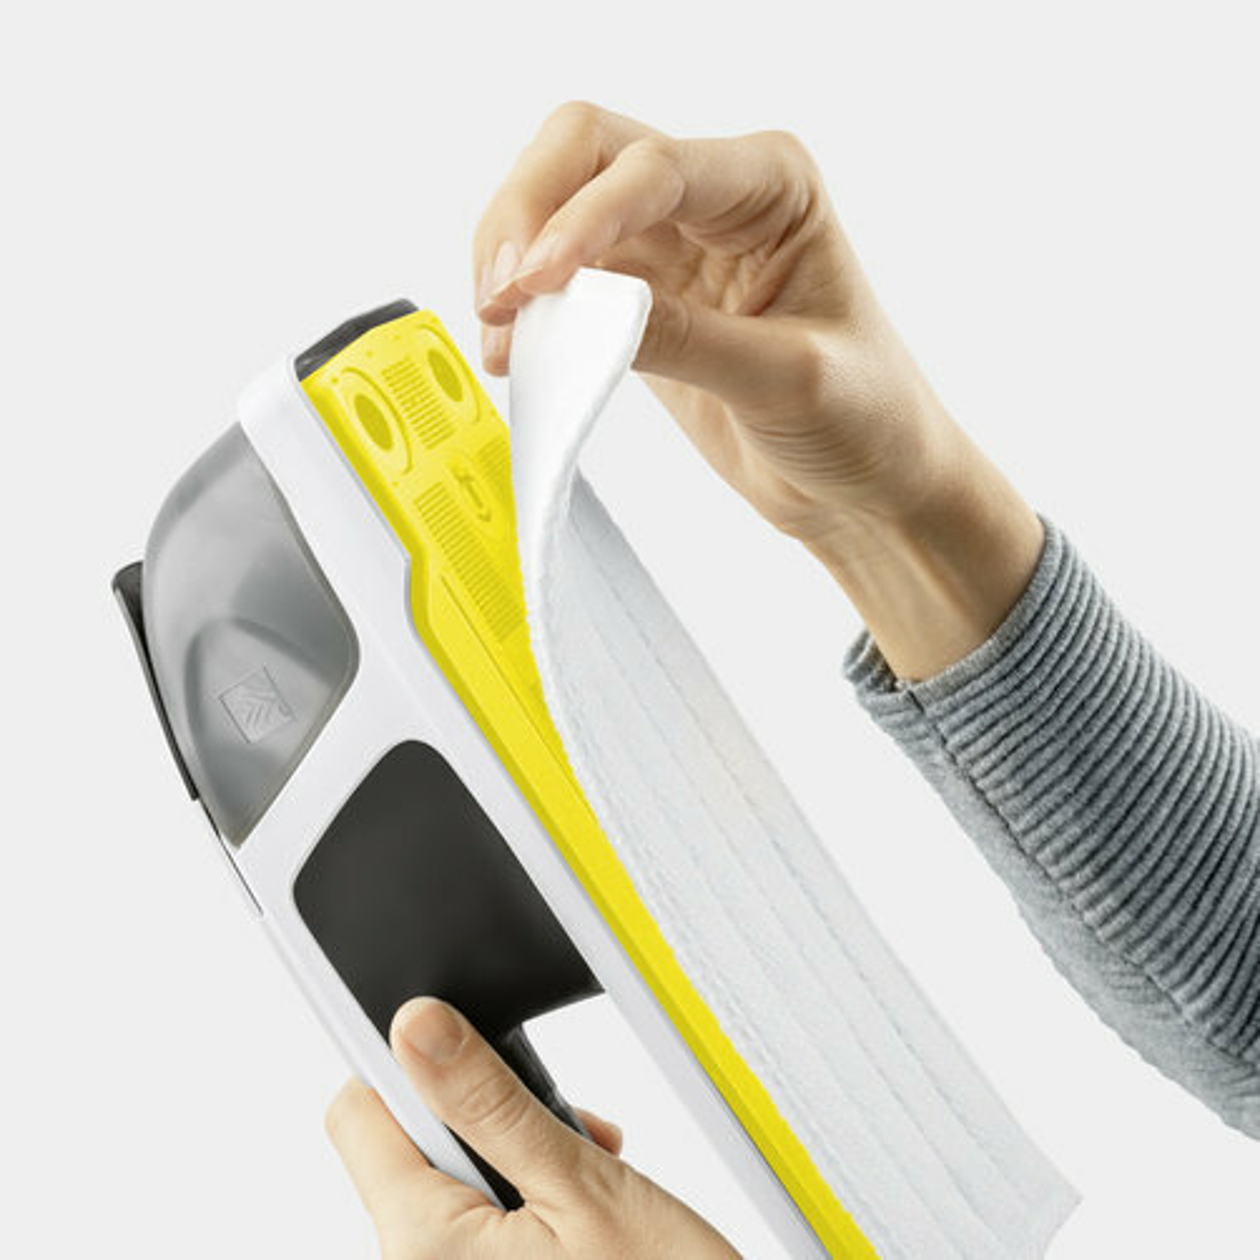 Оконный пылесос KV 4 Premium: Легко прикрепляемая салфетка